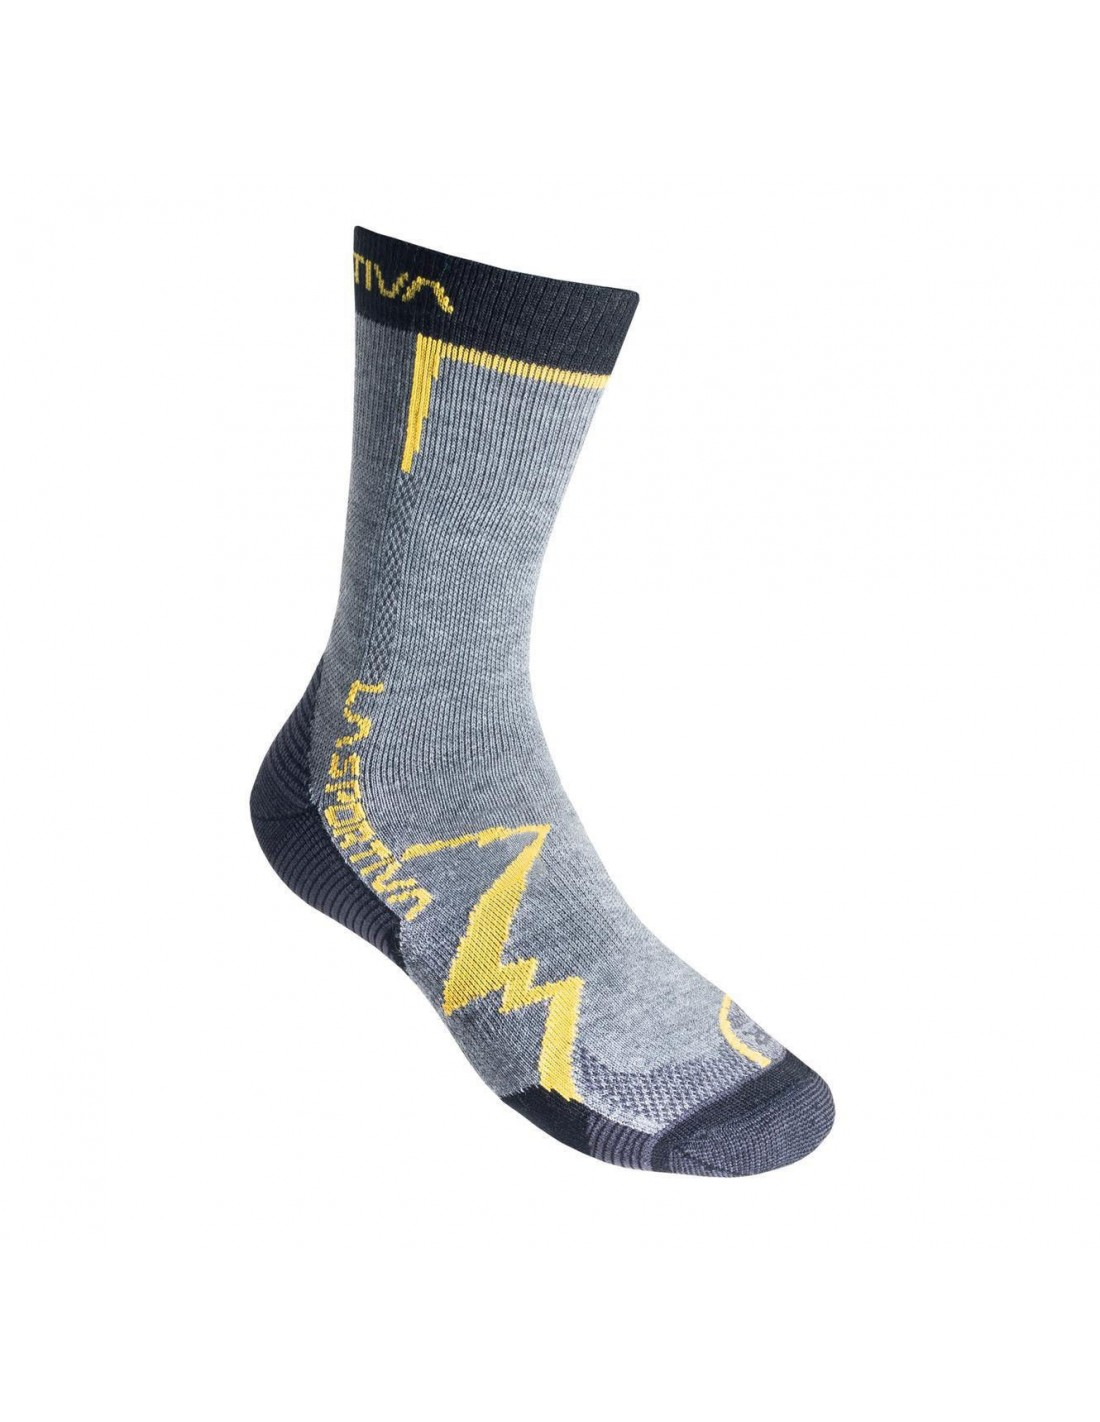 La Sportiva Socken Mountain Grey/Yellow Sockengröße - XL,